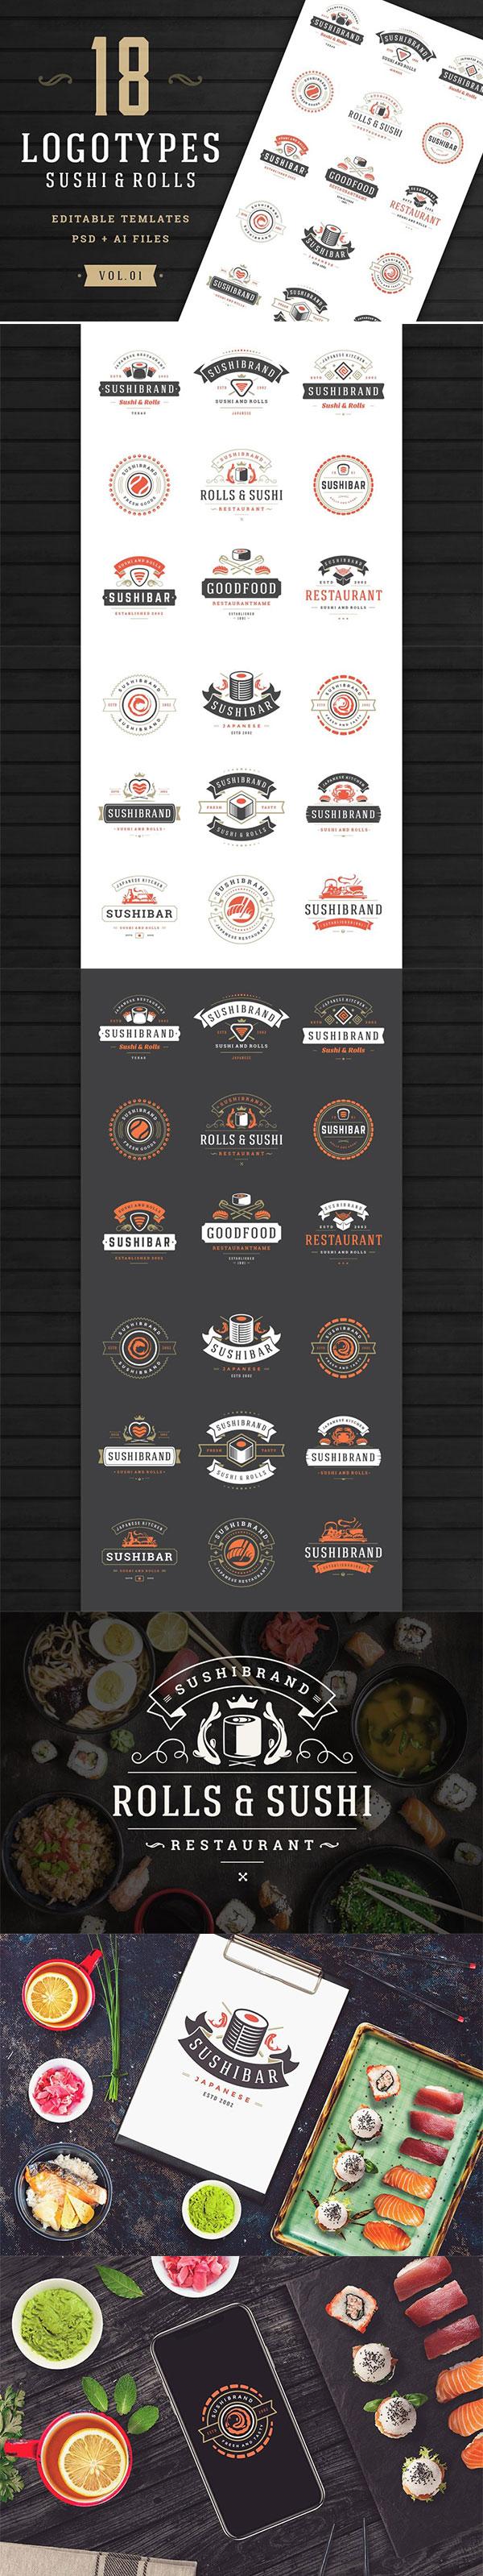 复古寿司酒吧标志